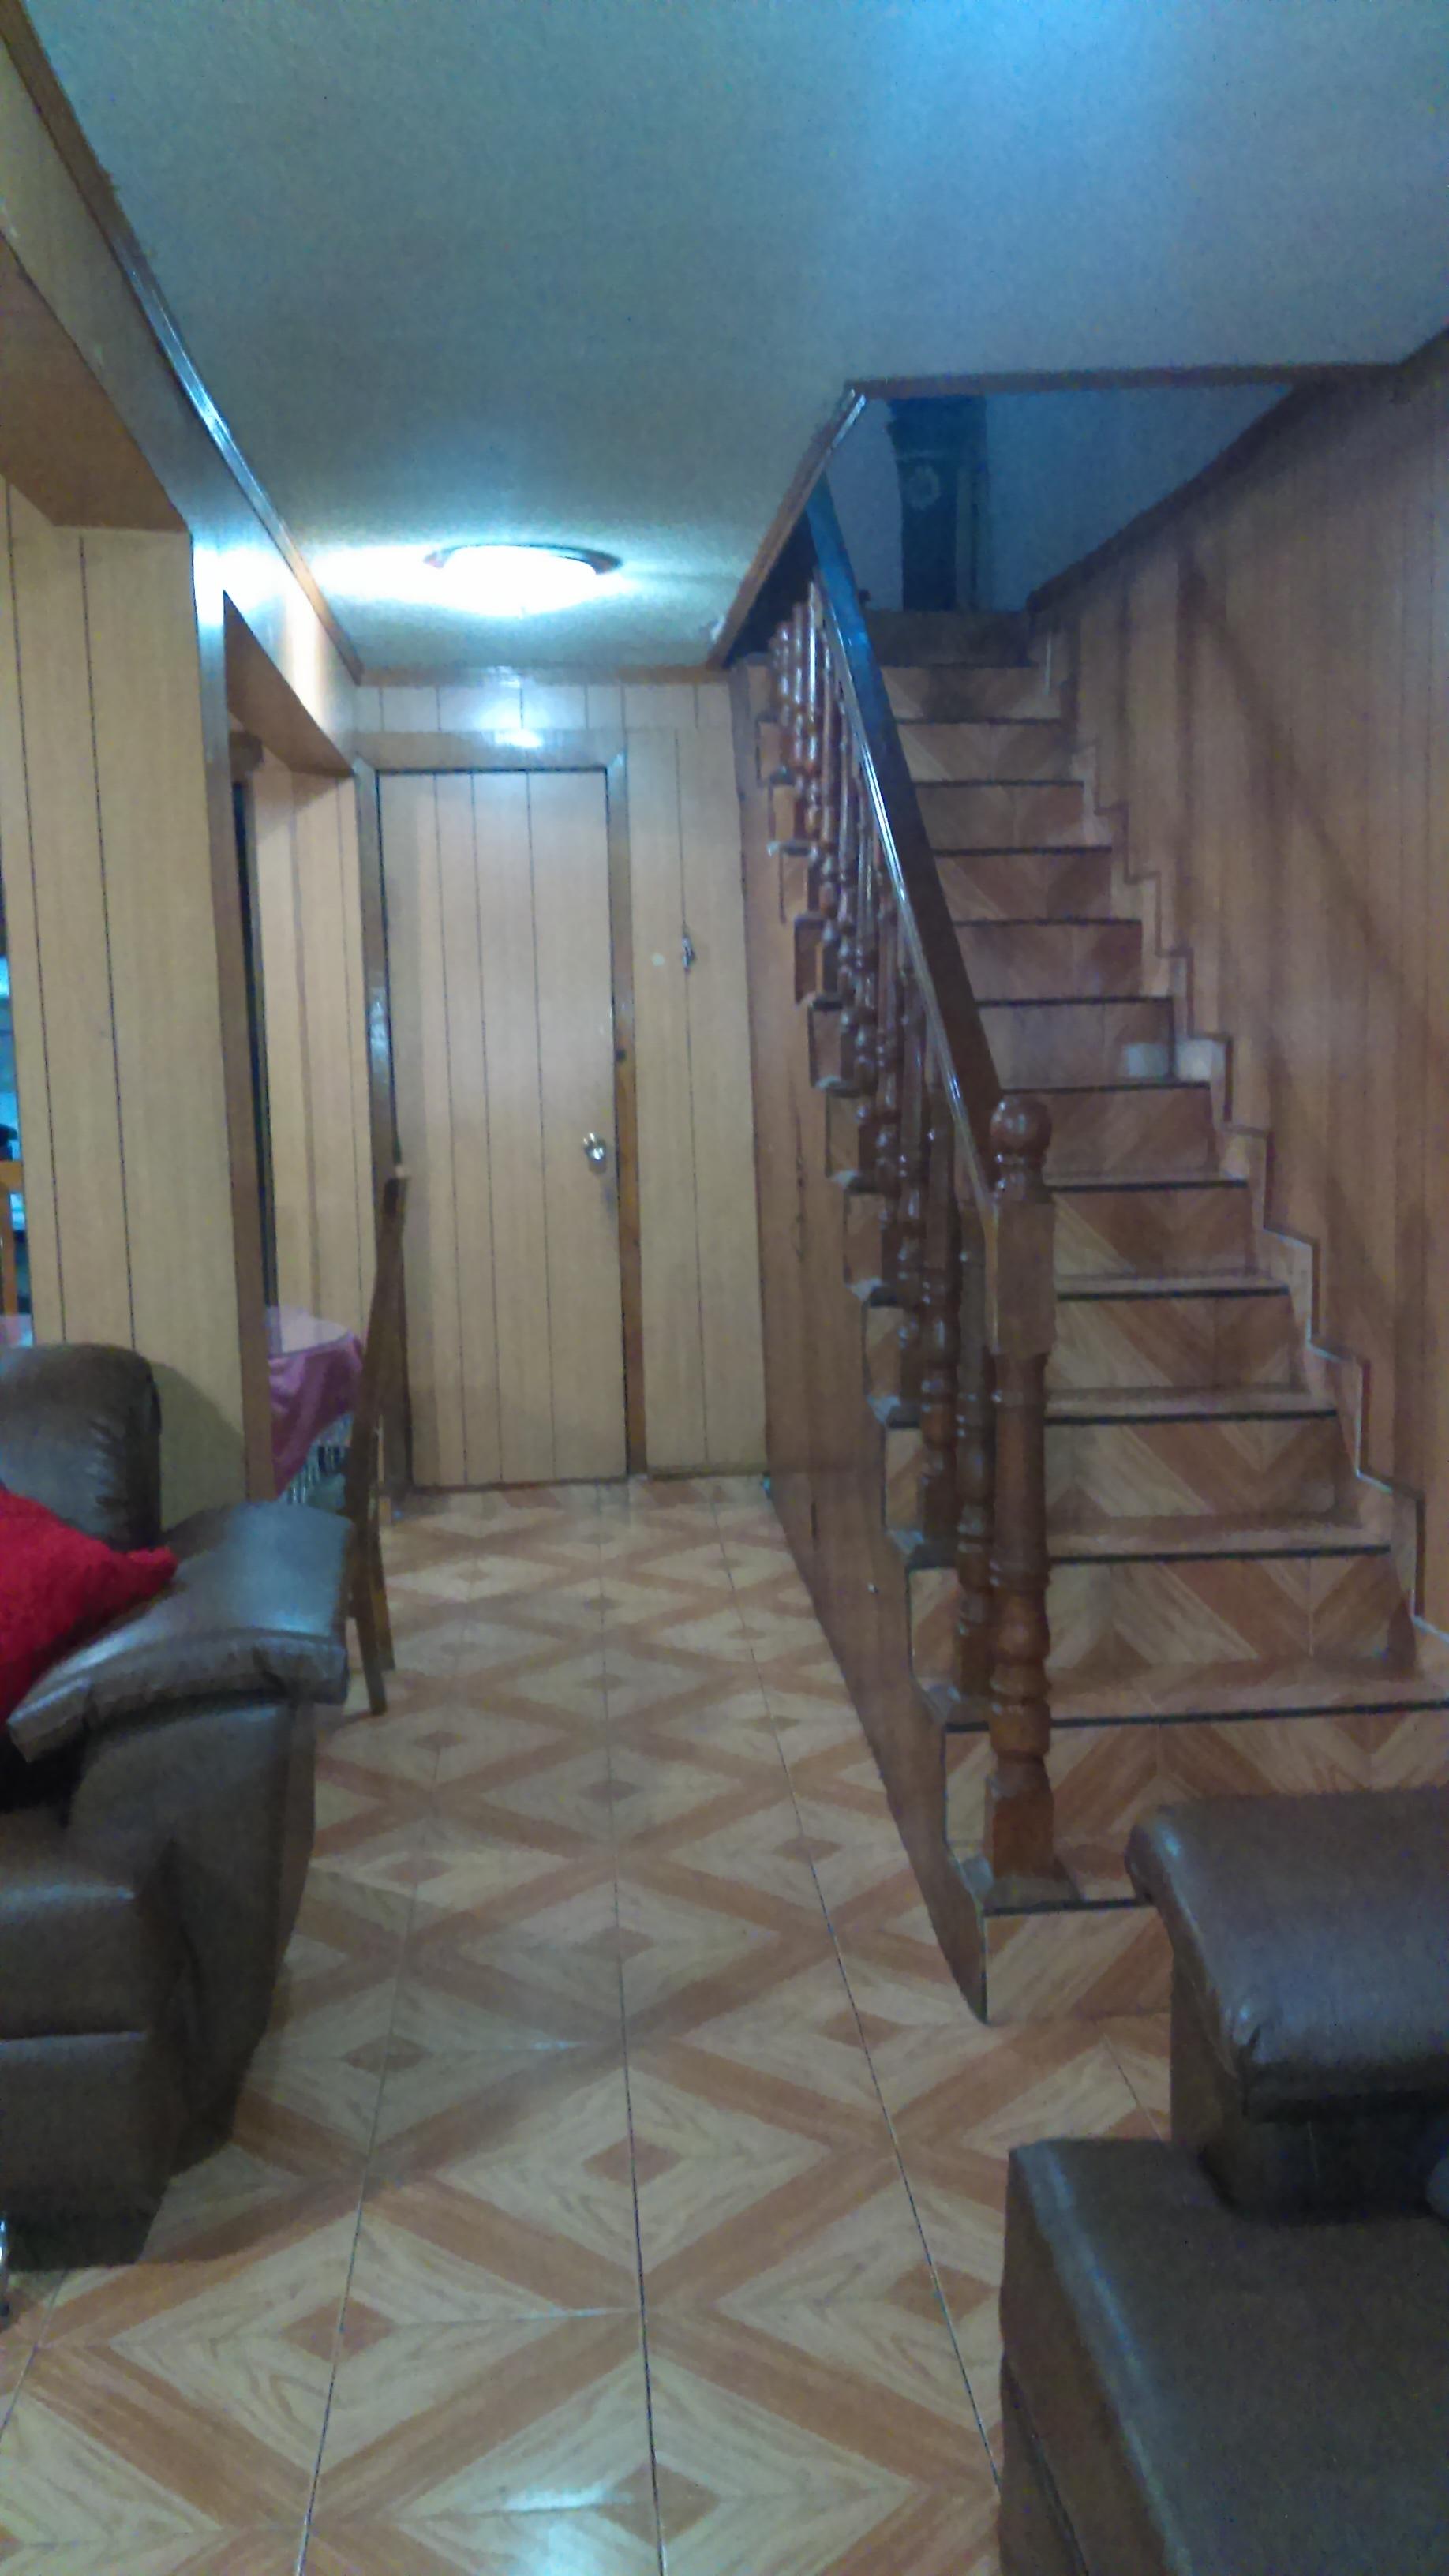 Casa ideal para rentar una parte cuautepec barrio bajo for Busco casa para rentar